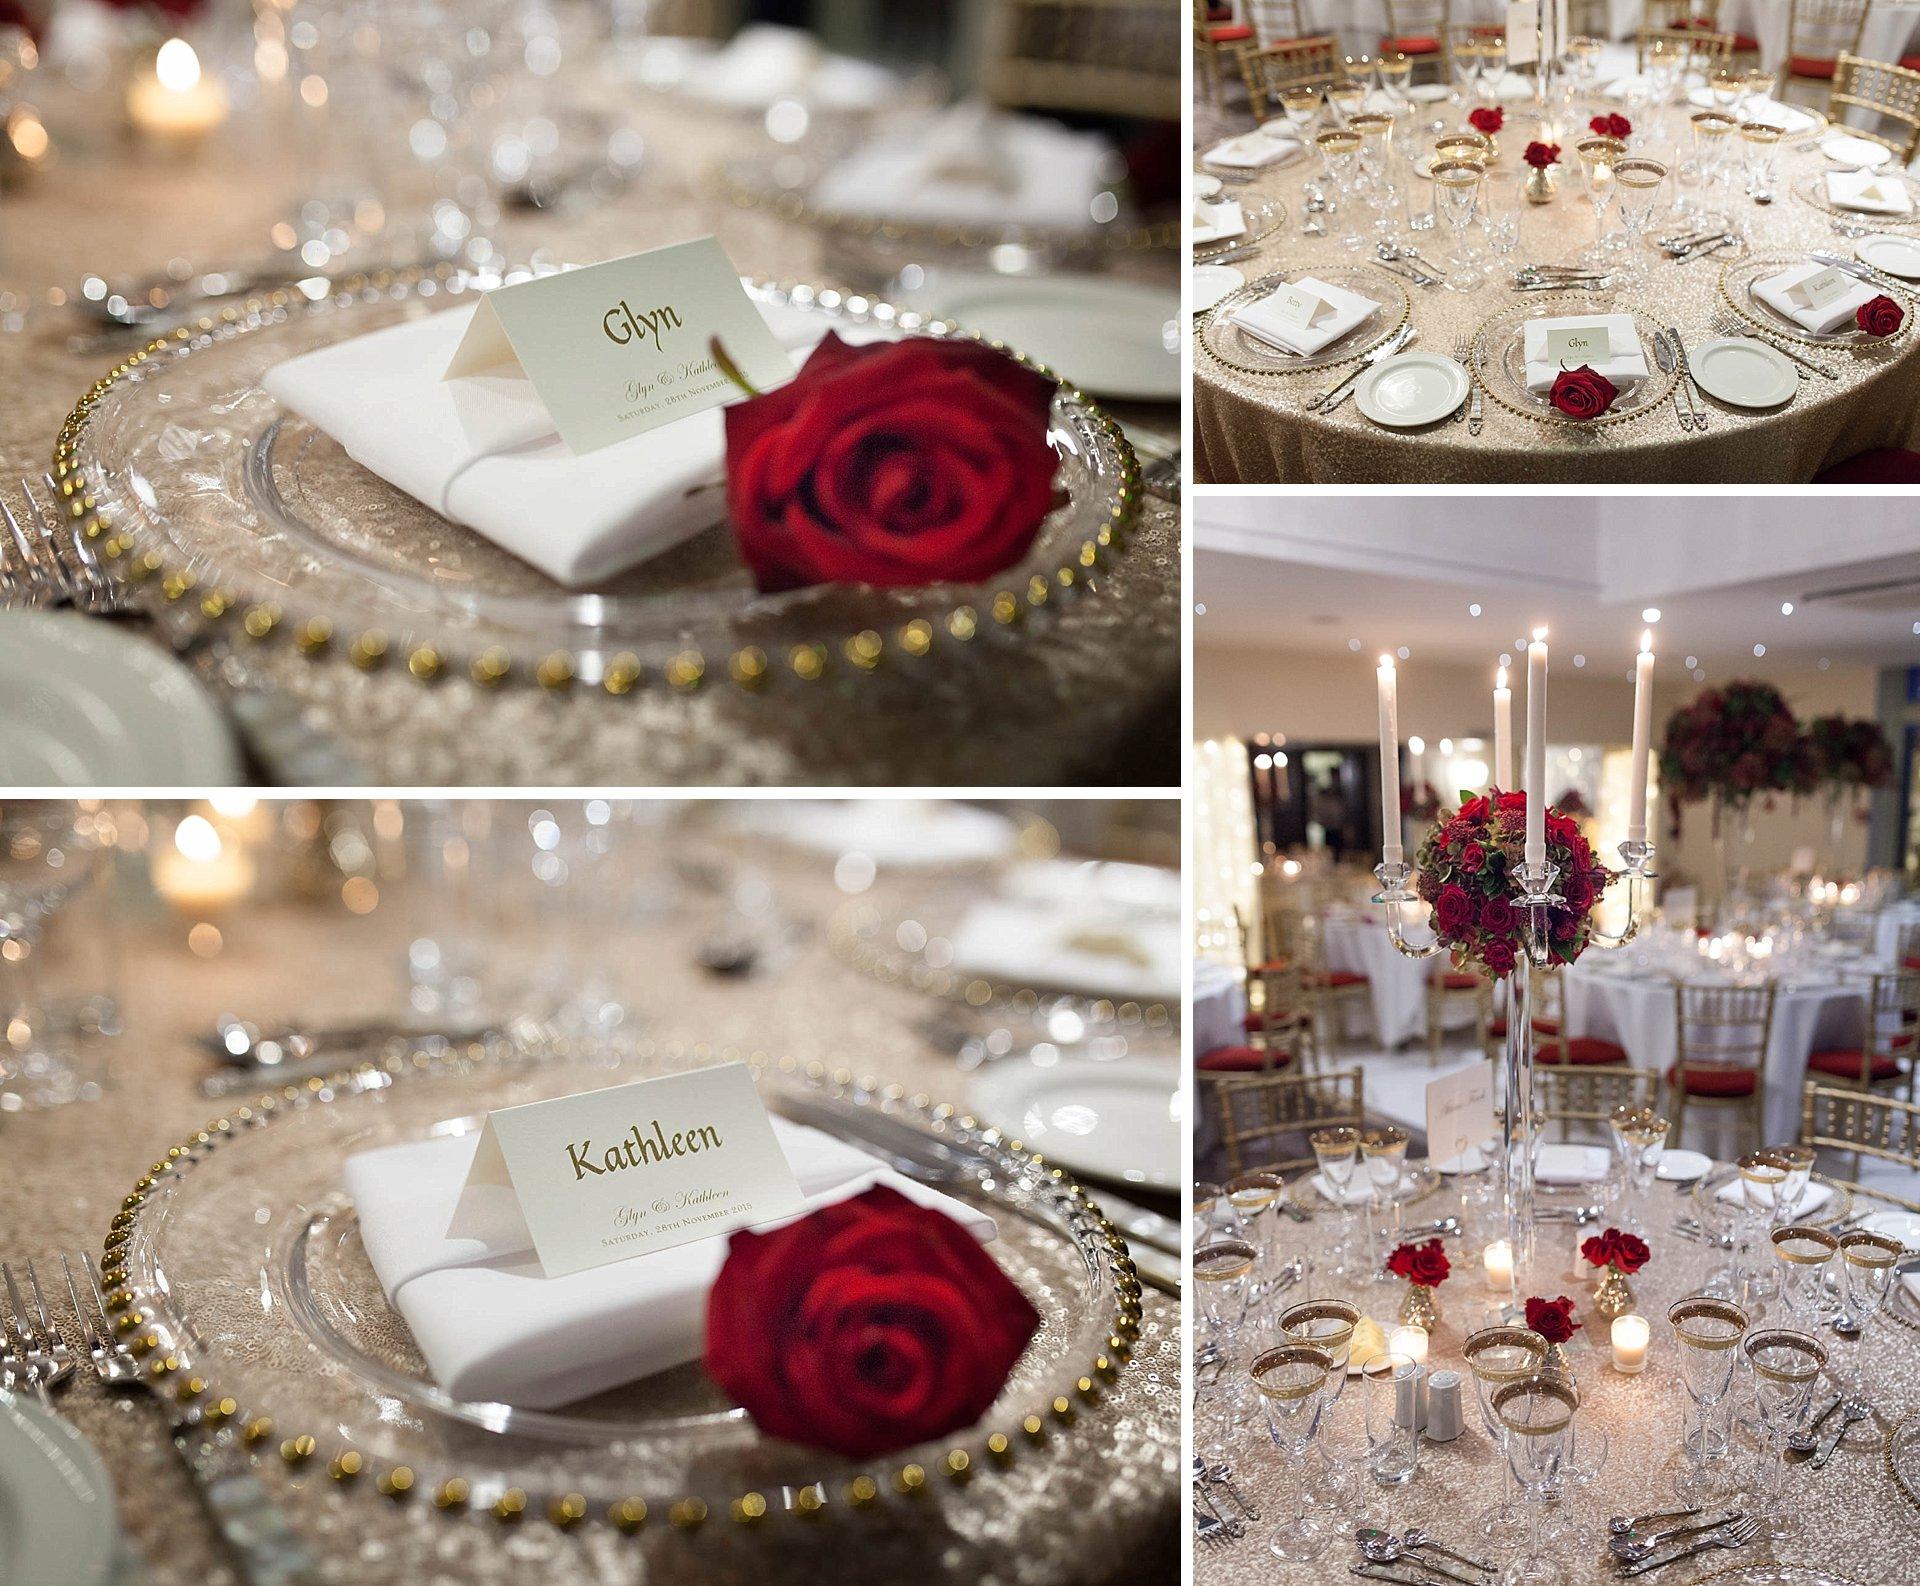 Cotswolds - wedding breakfast place settings